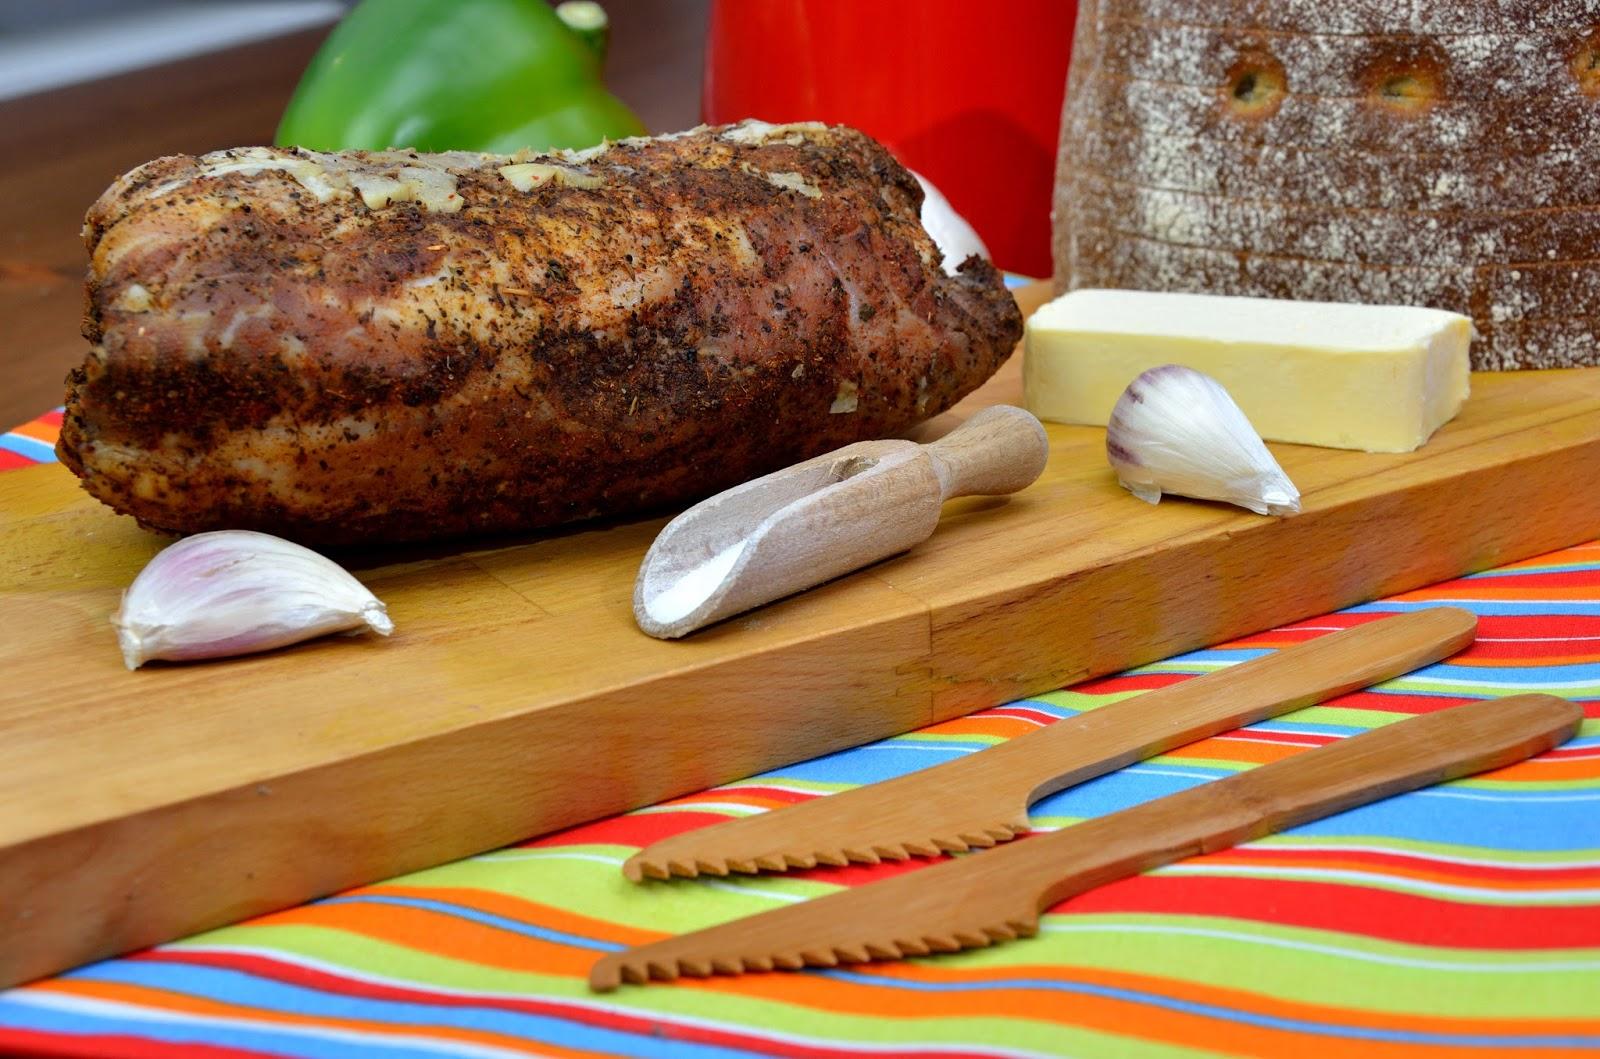 Wędlina parzona (schab), czyli coś pysznego do chleba